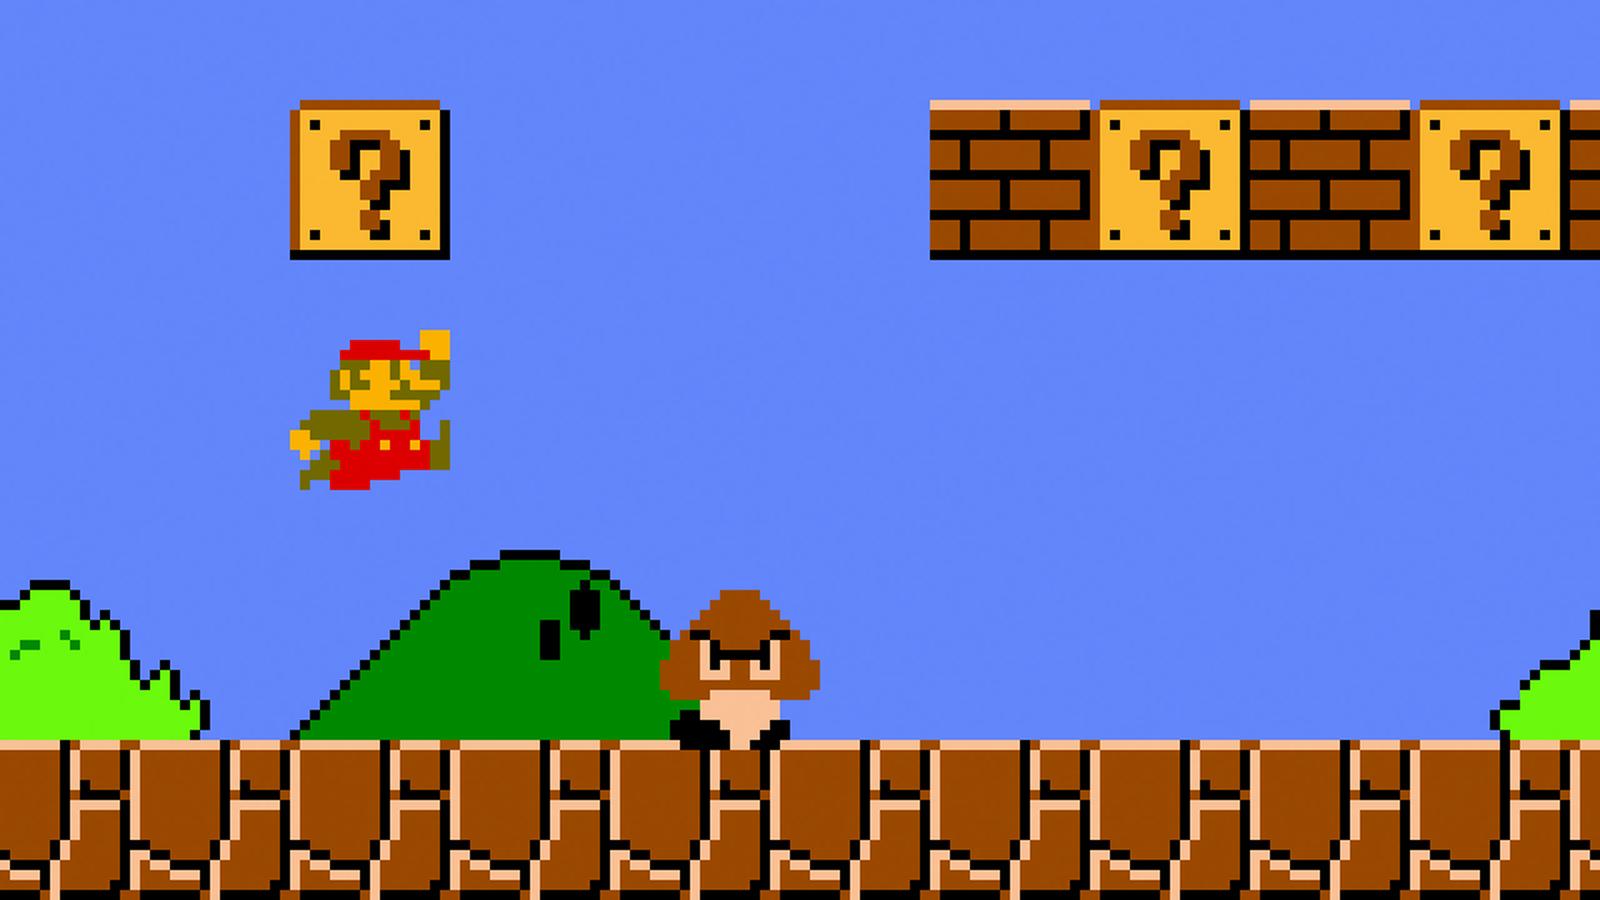 Về lý thuyết, một lượt chơi Mario từ màn 1 đến màn 8 thực hiện hoàn hảo bởi  máy tính tiêu tốn quãng thời gian là 4 phút 53 giây 3 tích tắc, ...